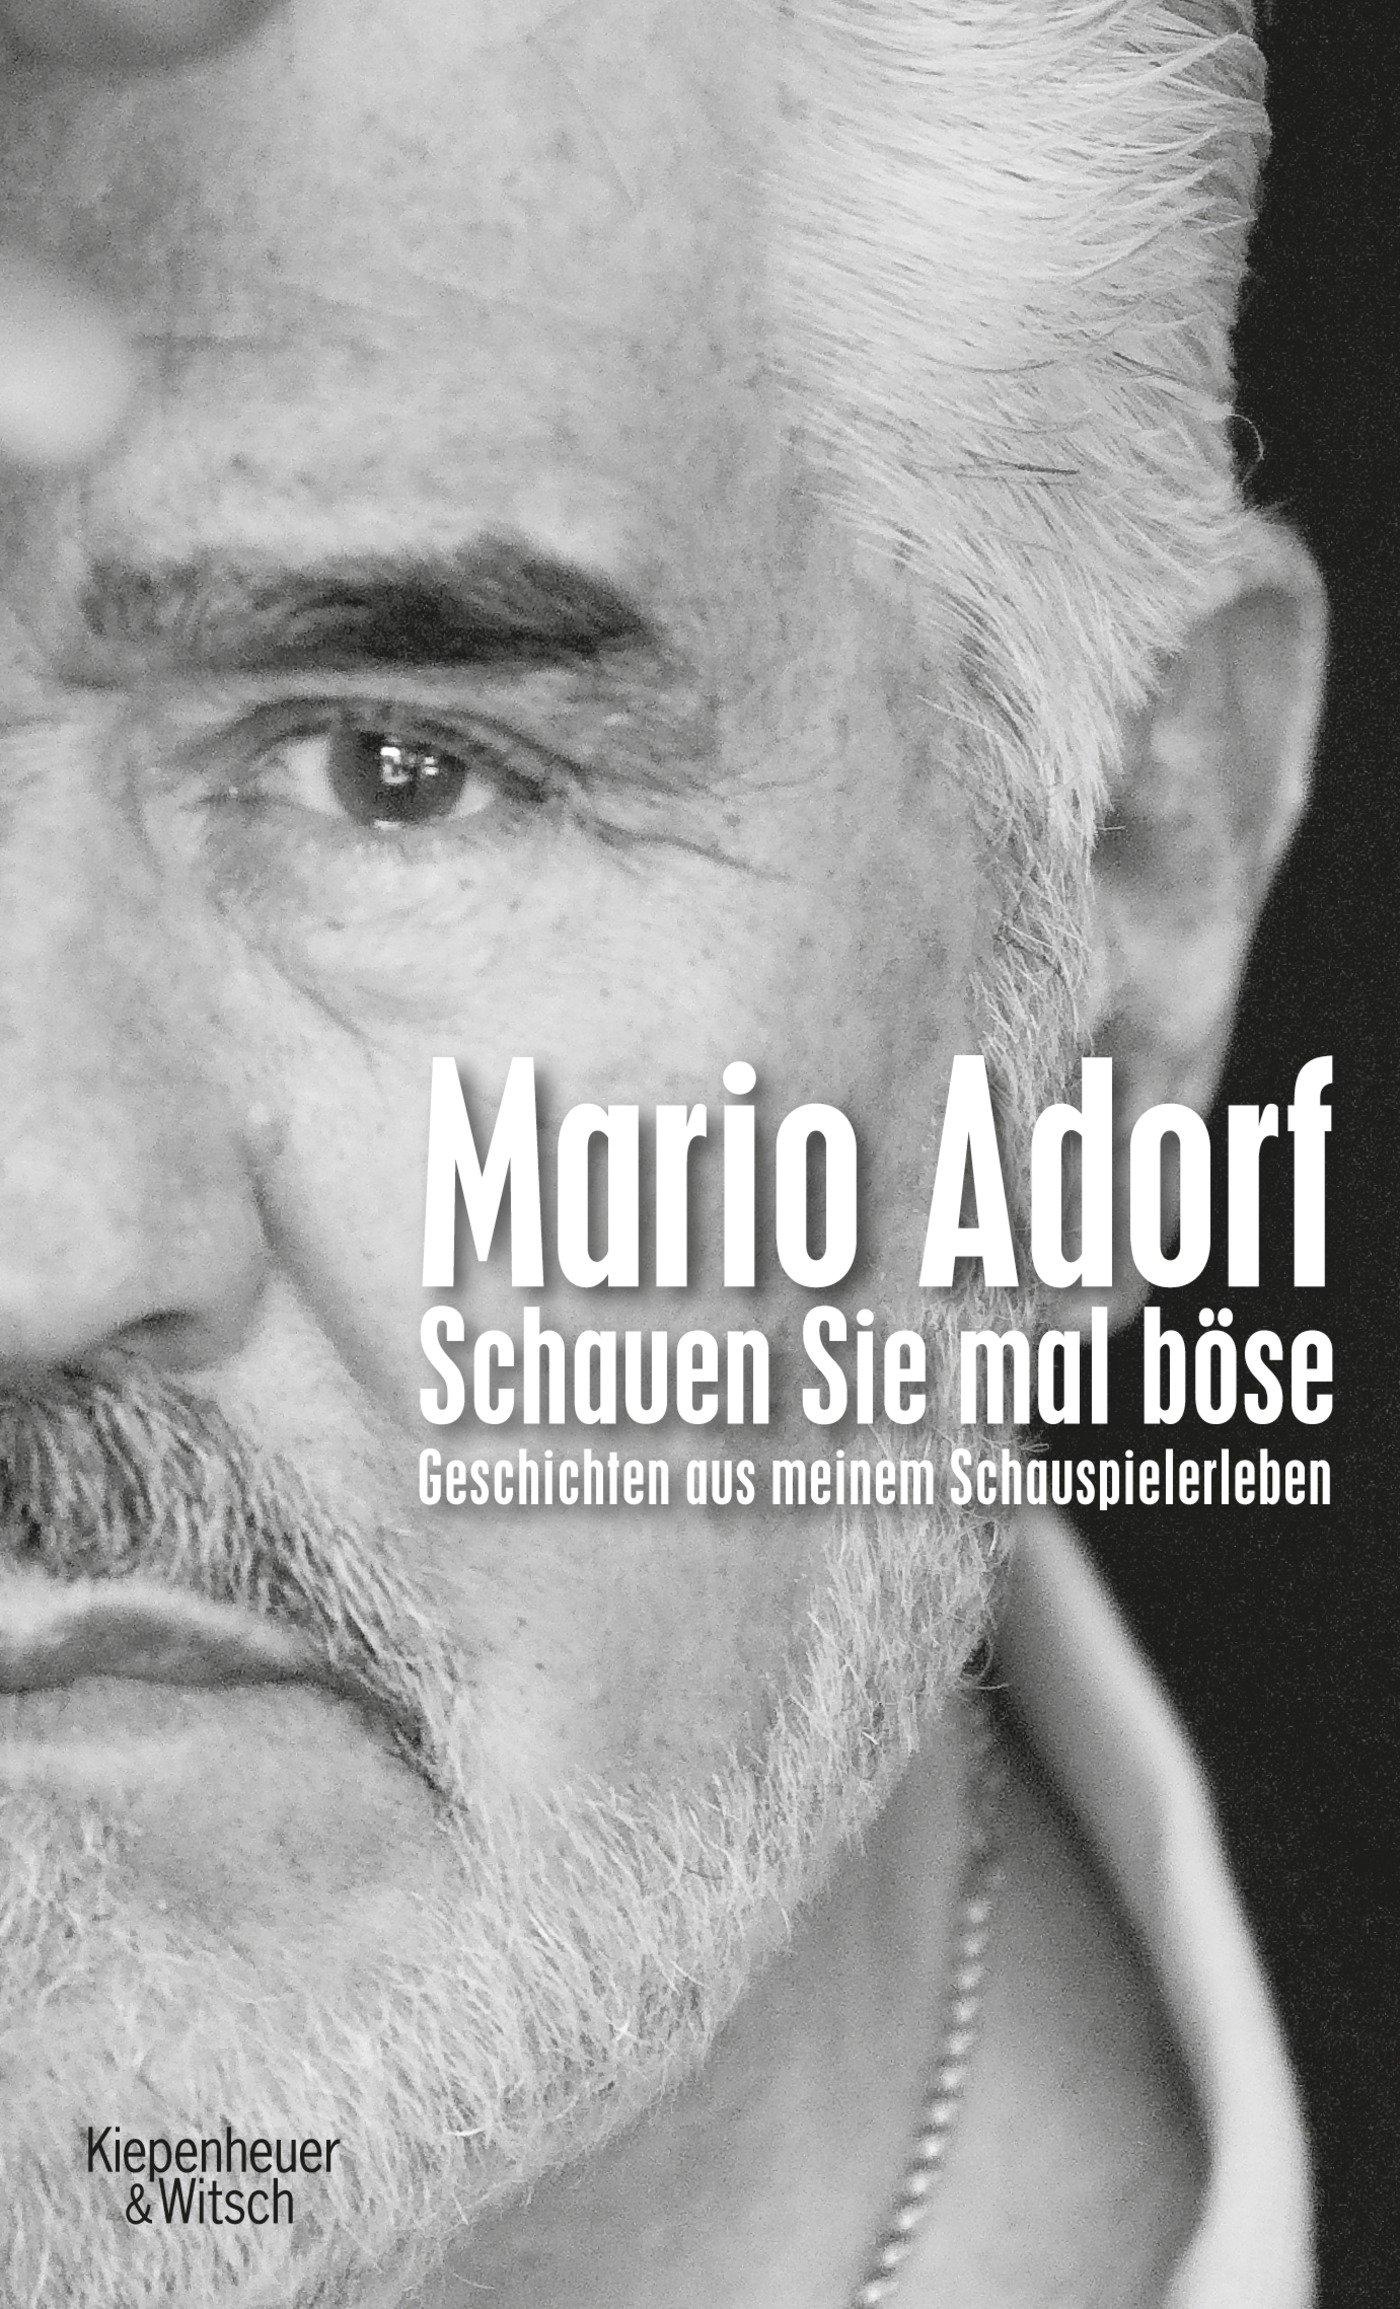 Buchtitel-Mario-Adorf-Schauen-Sie-mal-boese.In-diesem-Buch-erzählt-Mario-Adorf-Geschichten-und-Erlebnisse-aus-seiner-Schauspielerzeit